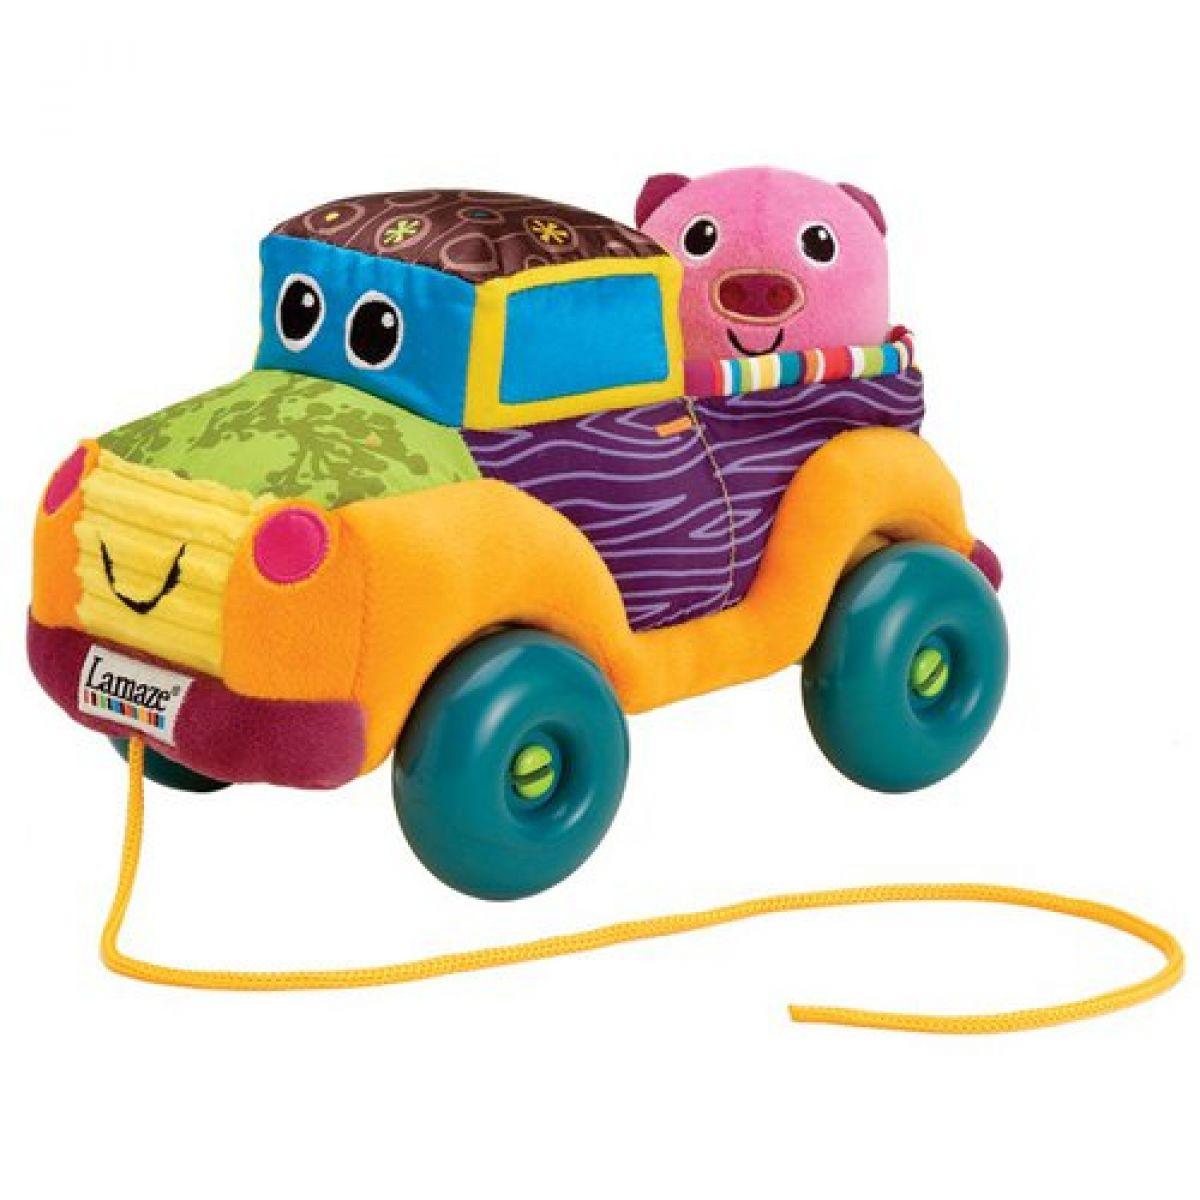 Lamaze 27325 - Moje první auto